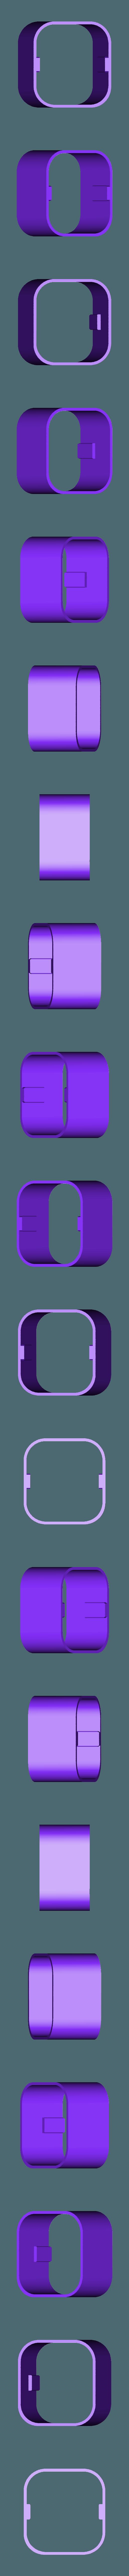 D-LI90_4_battery_tube_extension_v1-0.STL Télécharger fichier STL gratuit Tube de batterie D-Li90 • Plan pour impression 3D, WalterHsiao